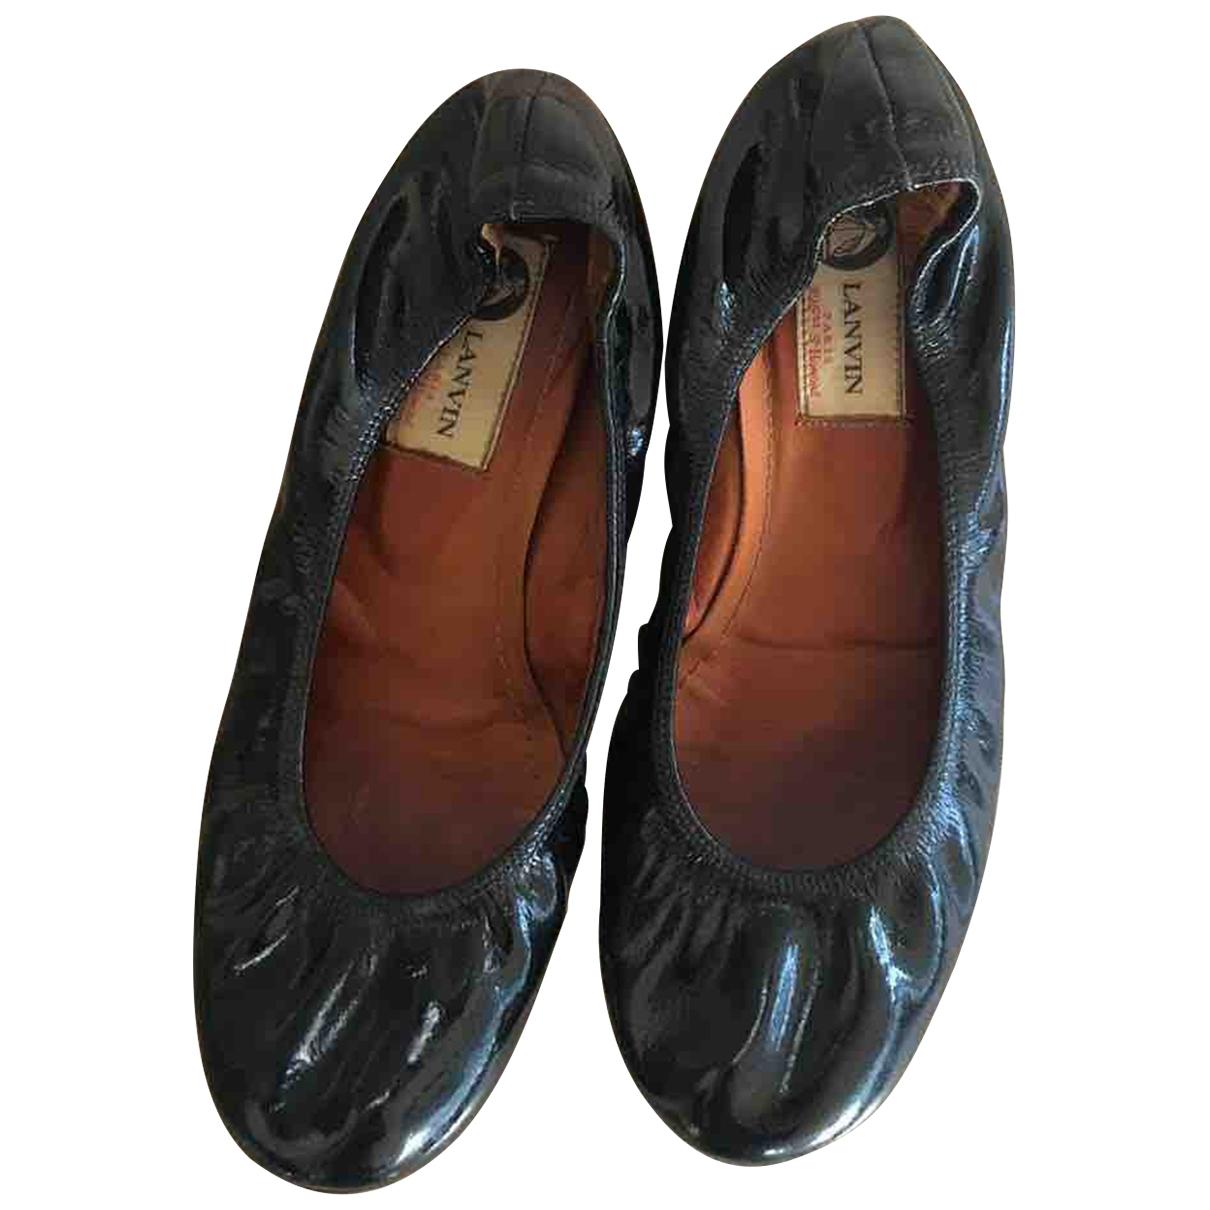 Lanvin - Ballerines   pour femme en cuir verni - noir